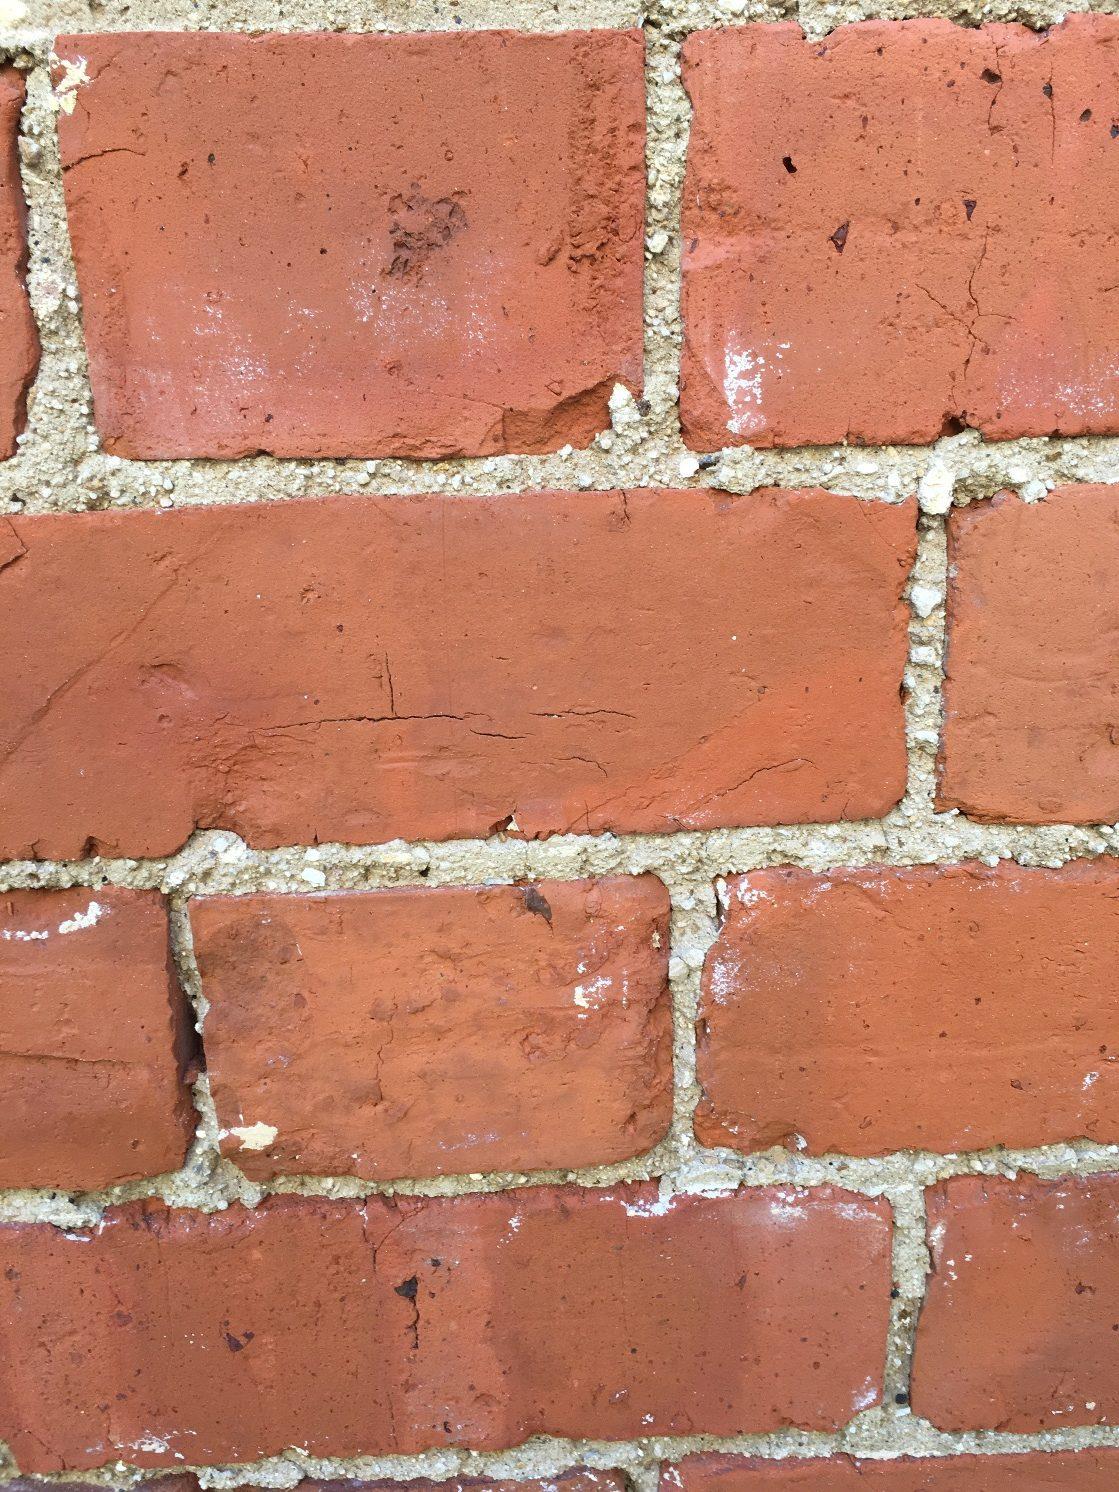 Cleaned brick